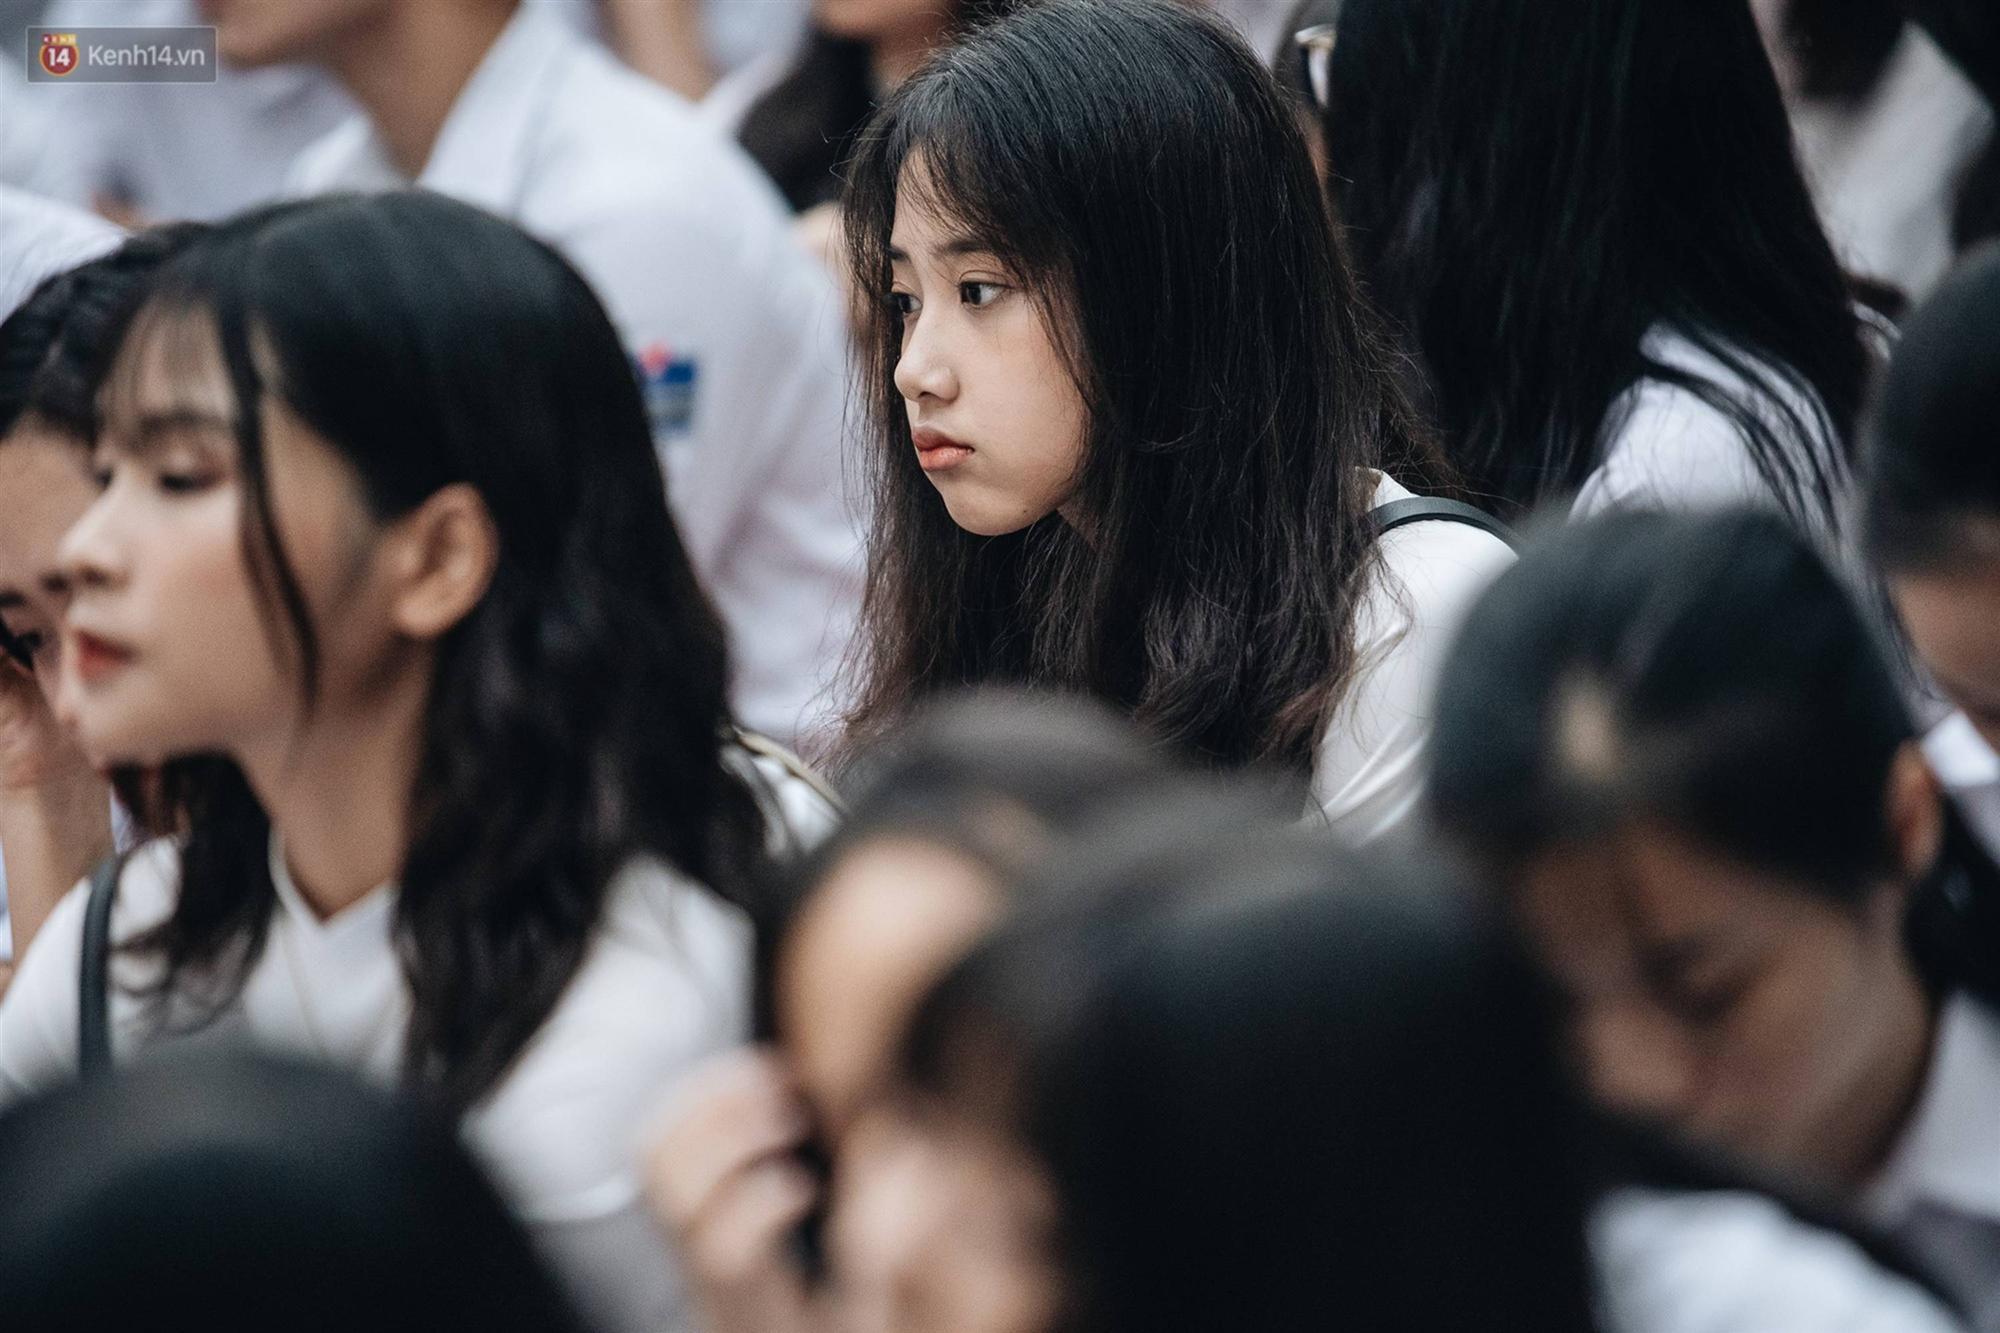 Mặc áo dài trắng đội mưa dự lễ bế giảng, dàn nữ sinh ngôi trường này gây thương nhớ vì quá xinh xắn-7